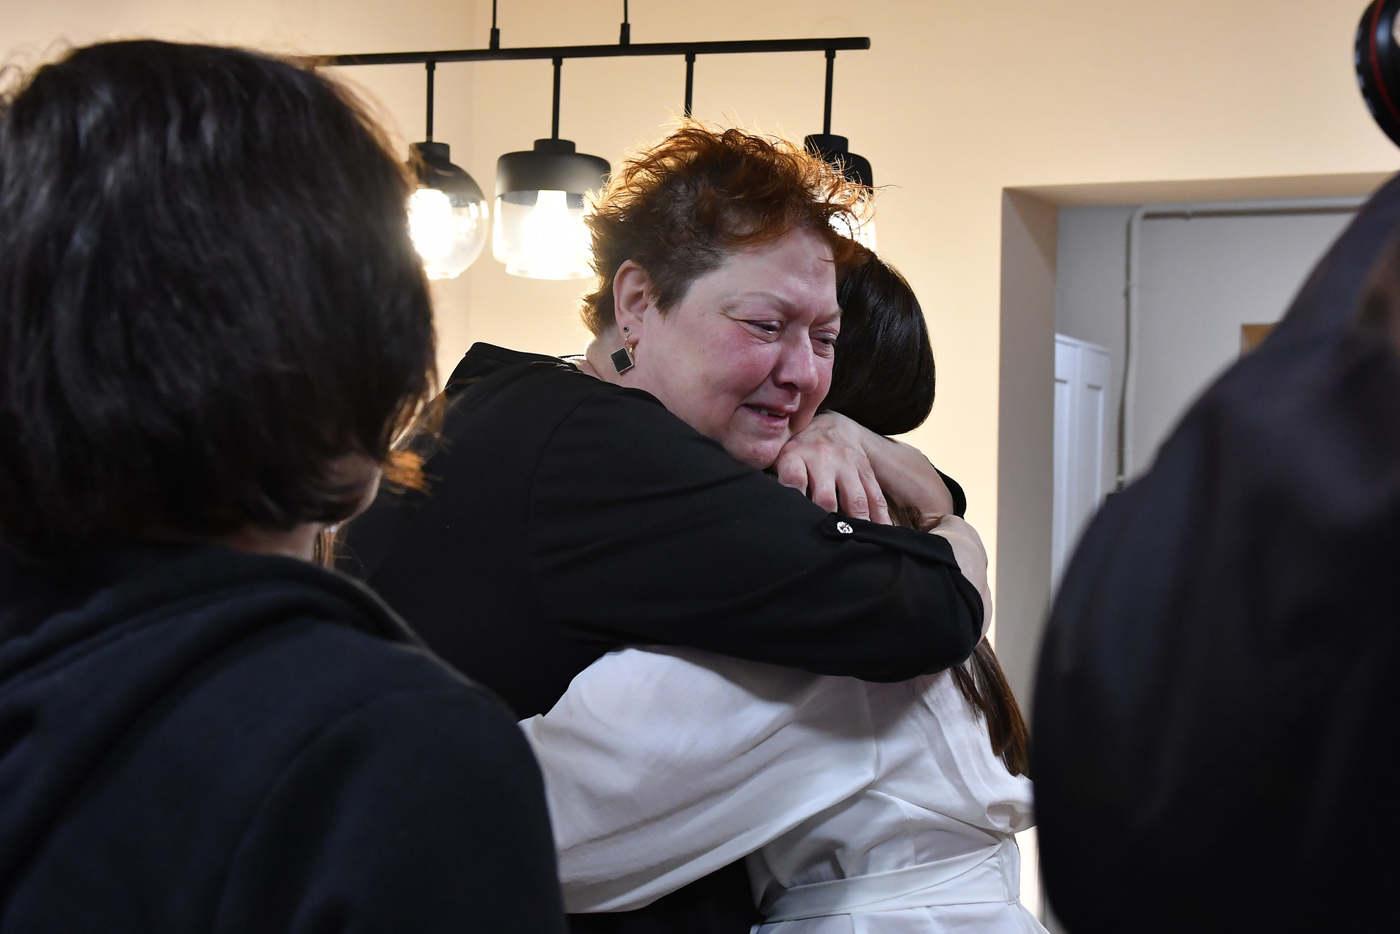 Sírva mondott köszönetet a házért. Fotó: TV2